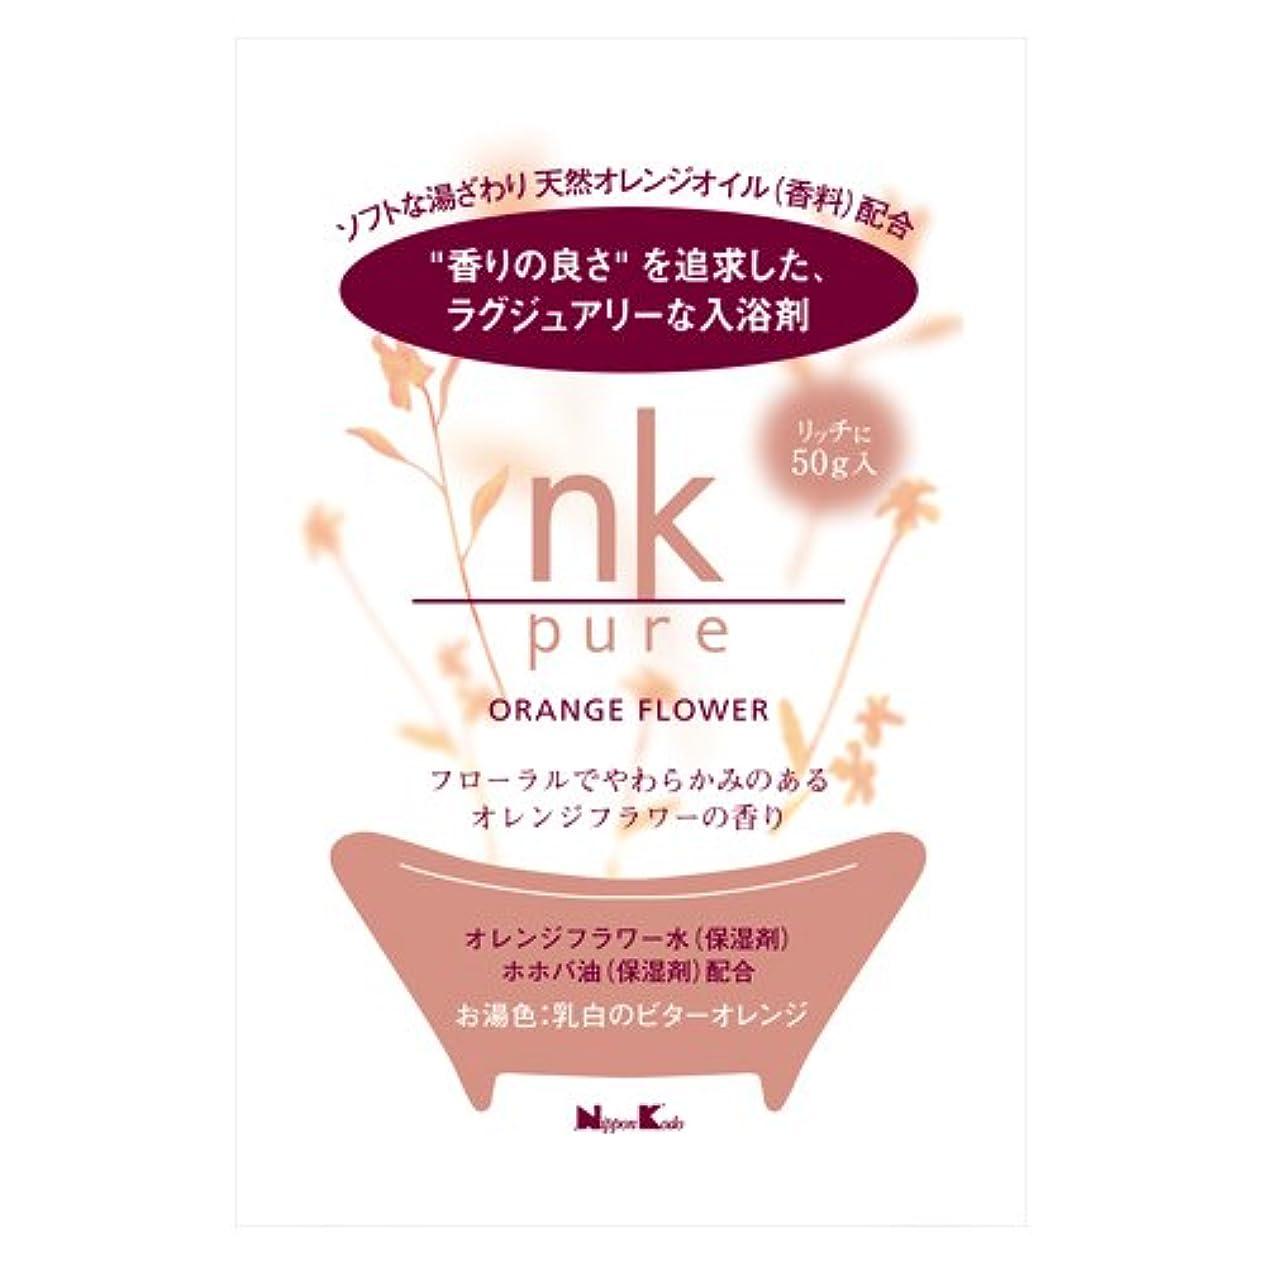 無限襟醜い【X10個セット】 nk pure 入浴剤 オレンジフラワー 50g